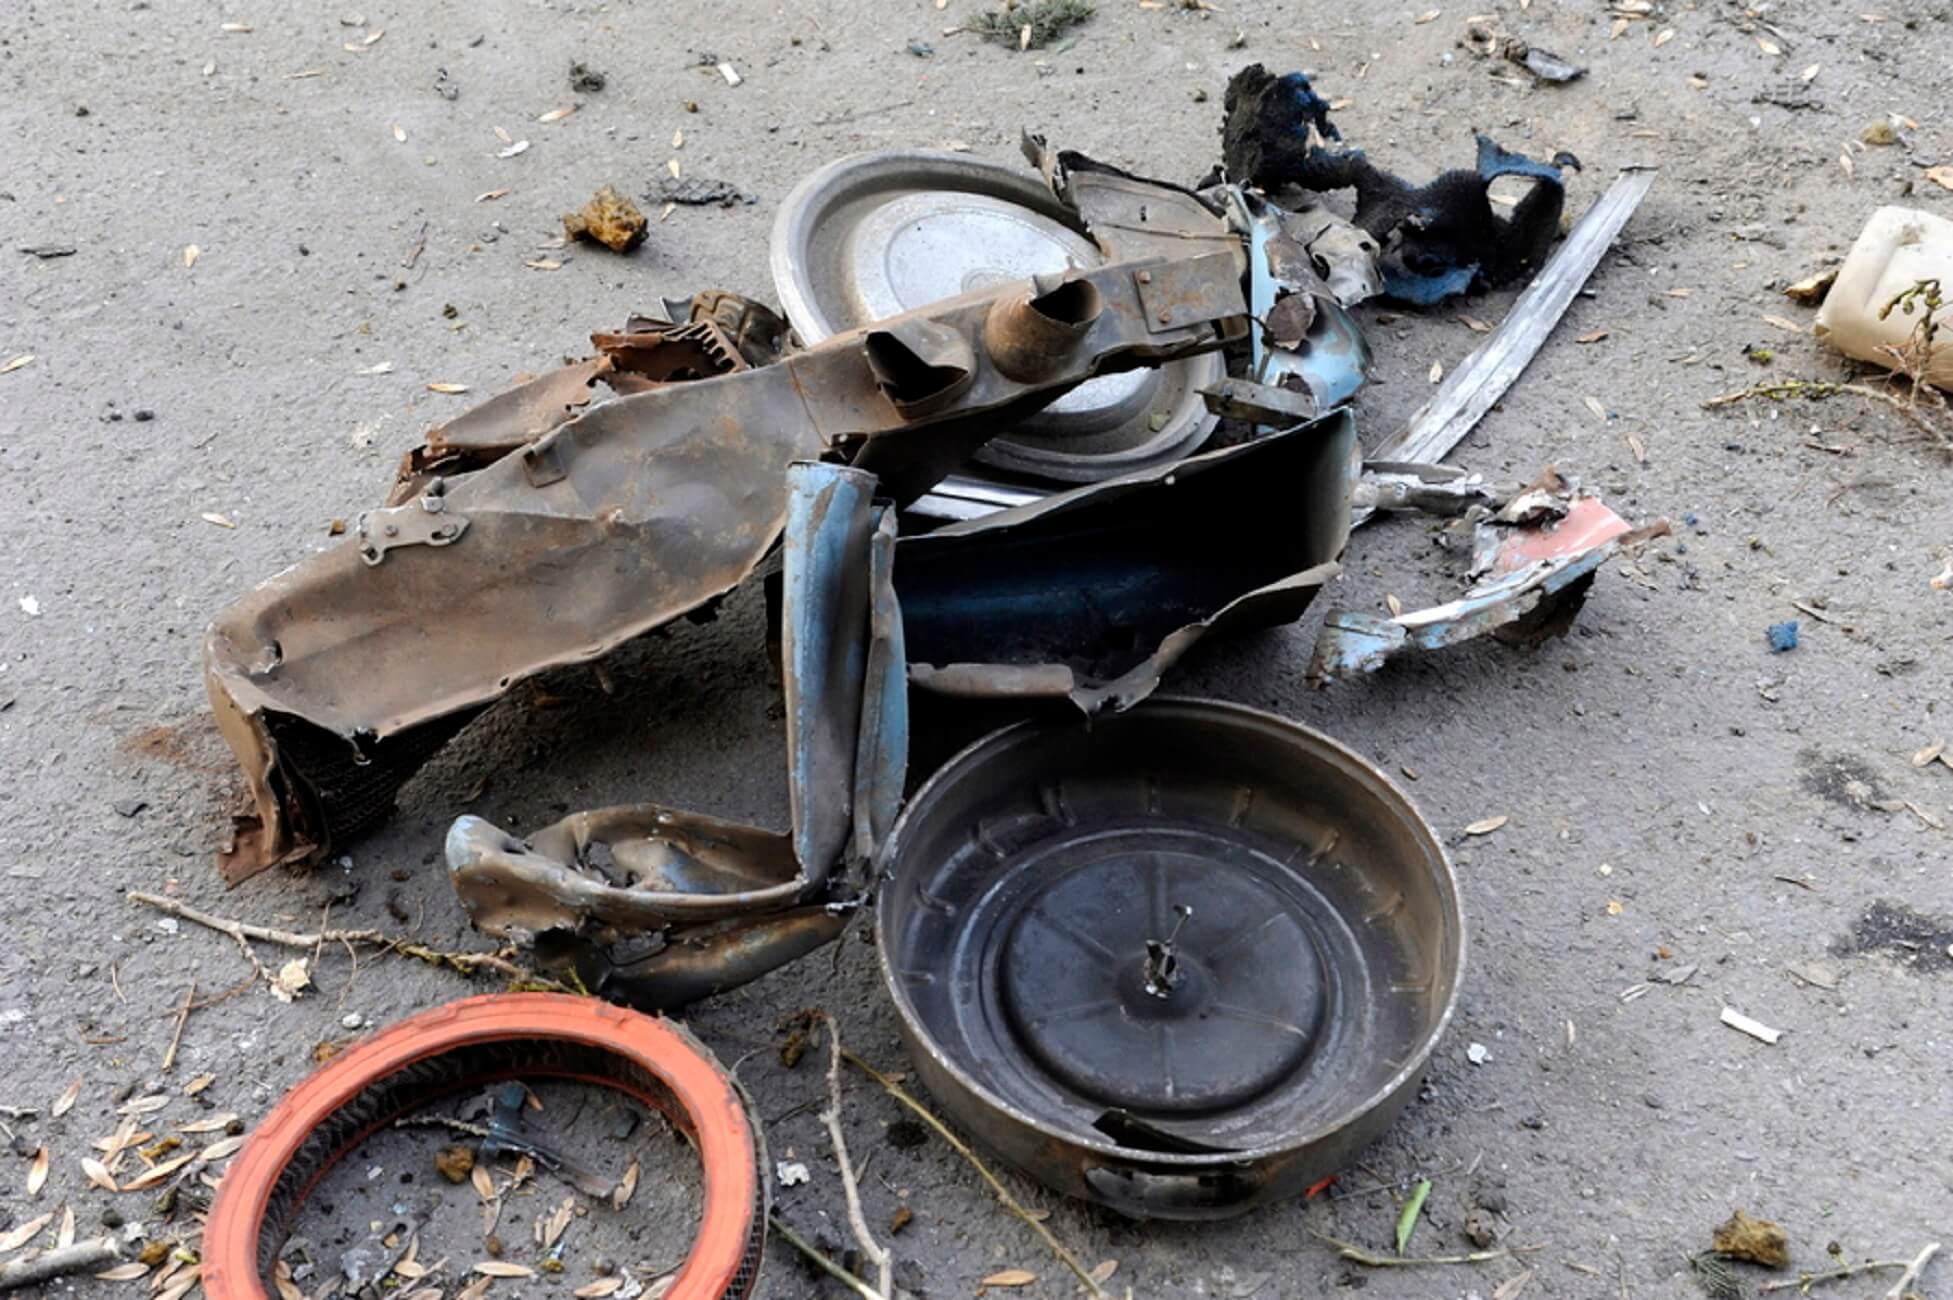 Ασύλληπτο! Παγίδευσαν πτώμα με εκρηκτικά – 17 άμαχοι νεκροί